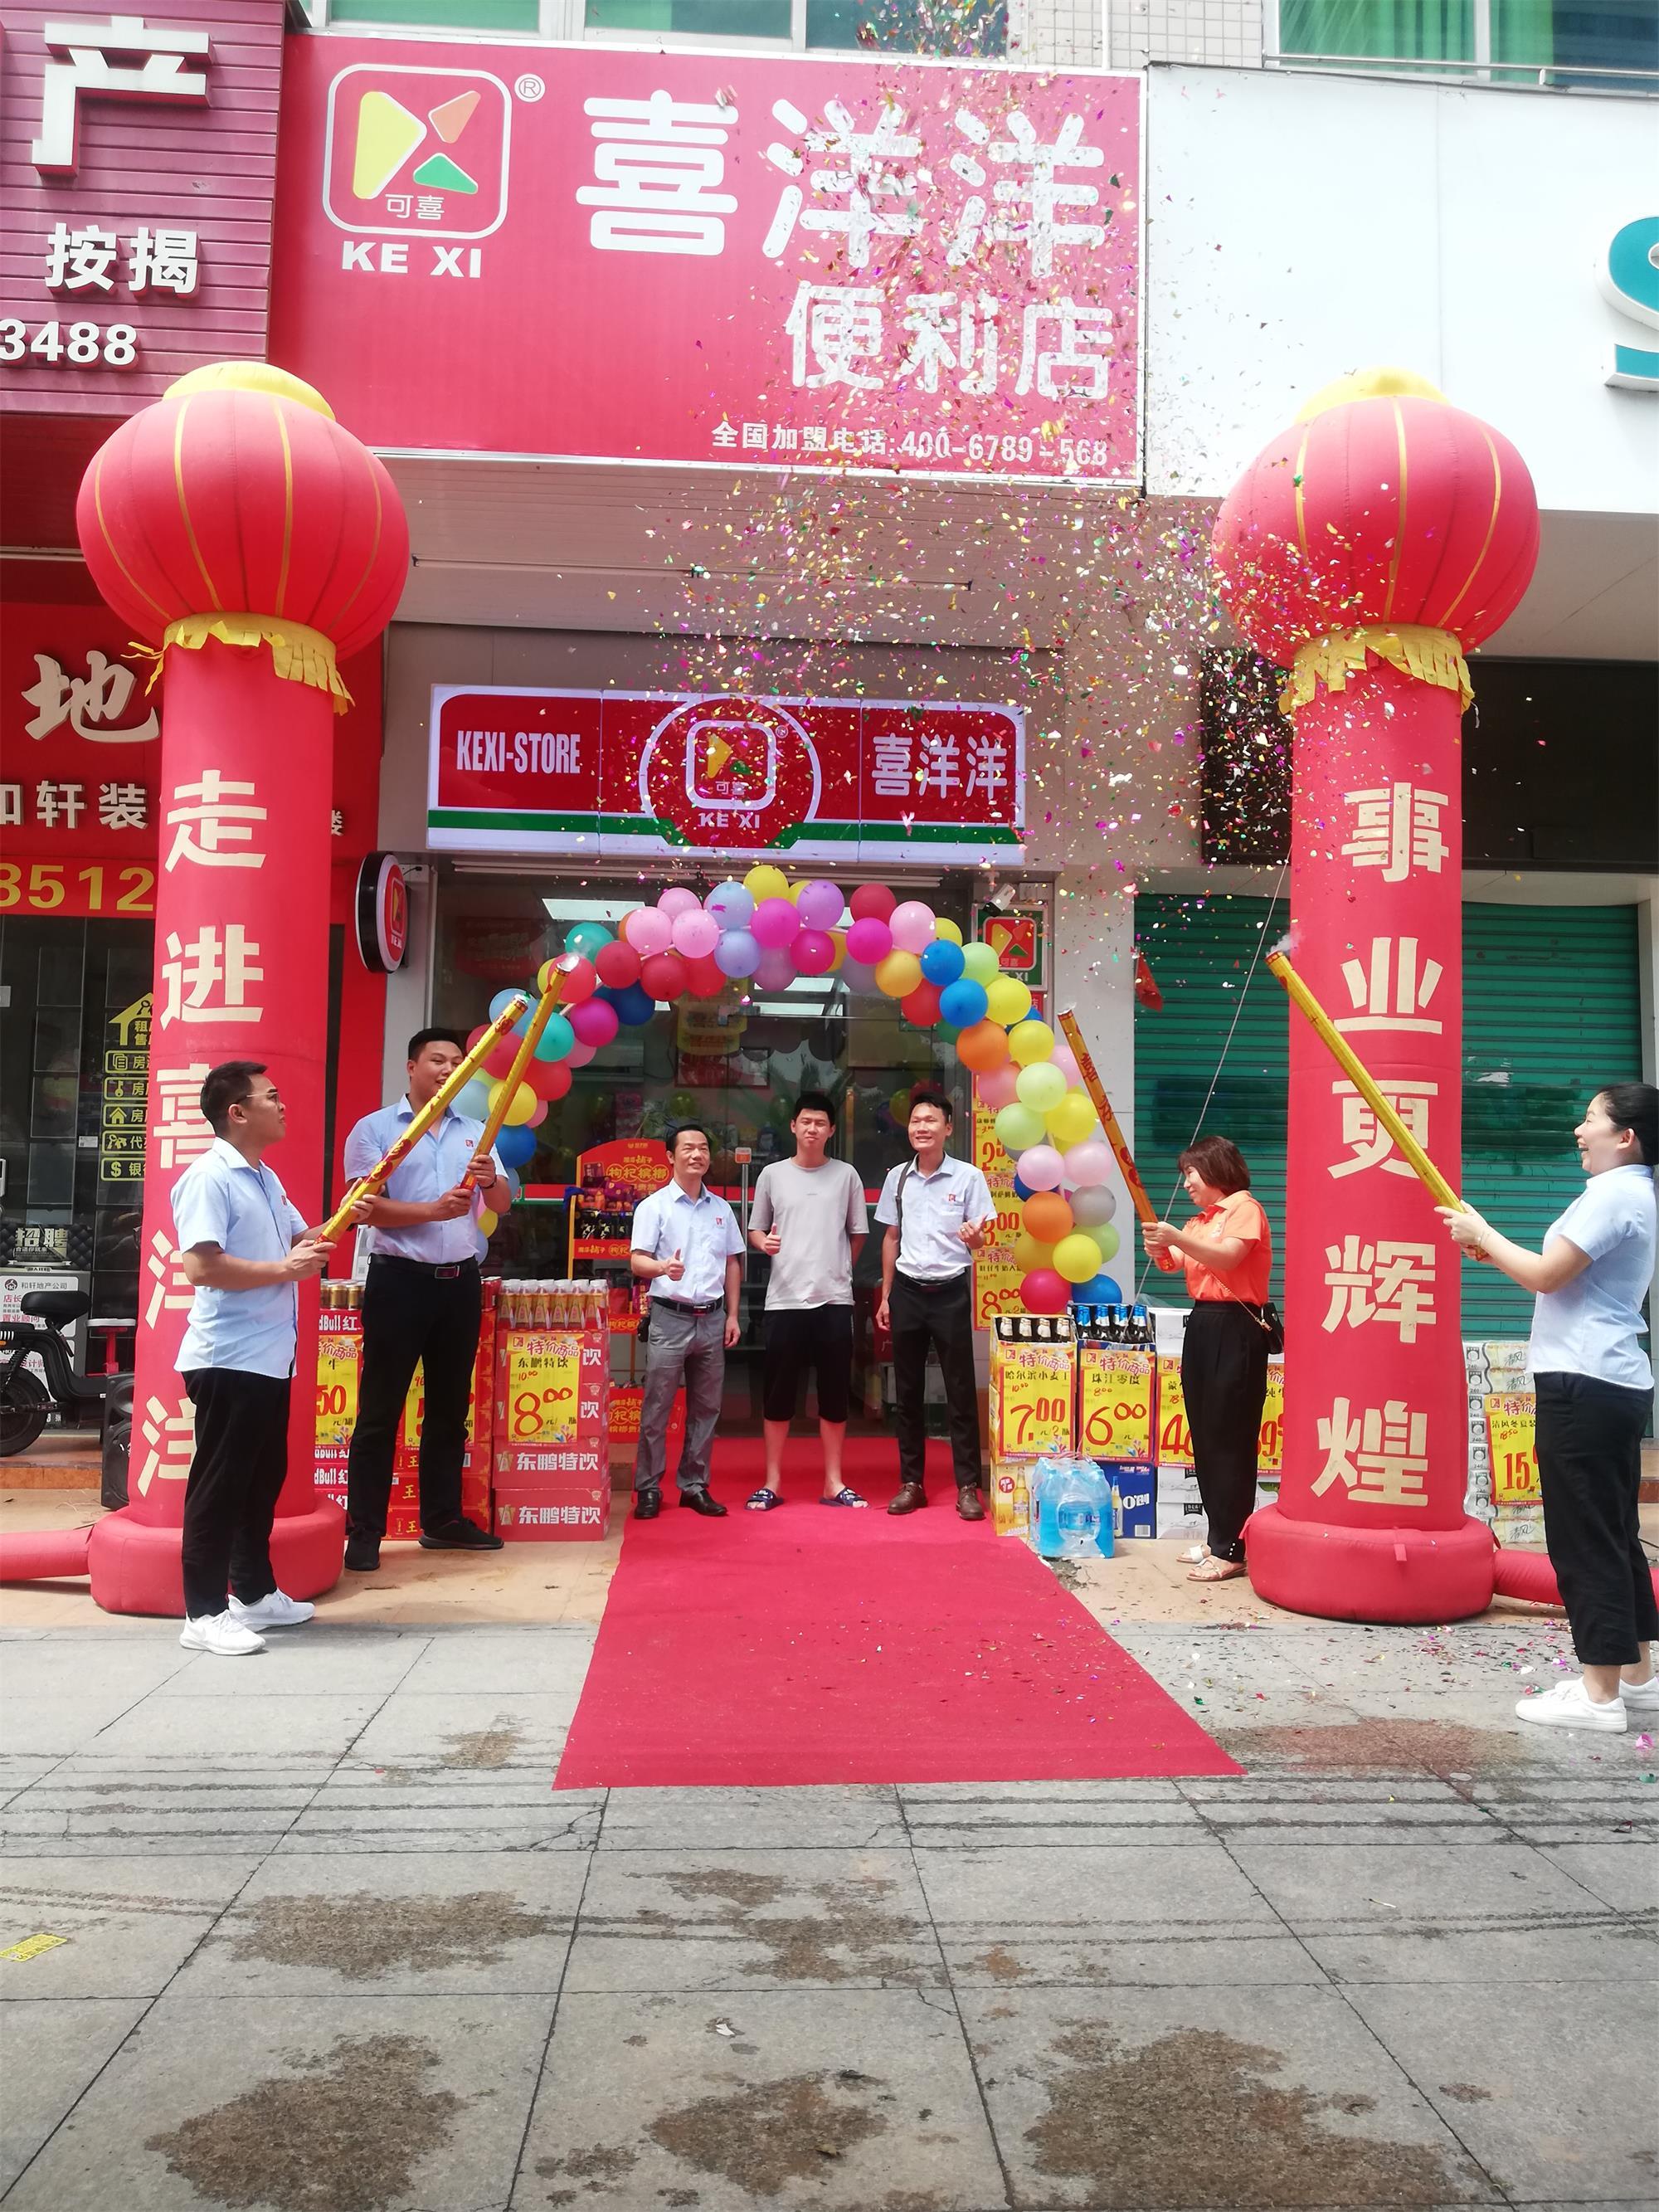 热烈祝贺喜洋洋9月11日又迎来新店开业:虎门好运天天来分店